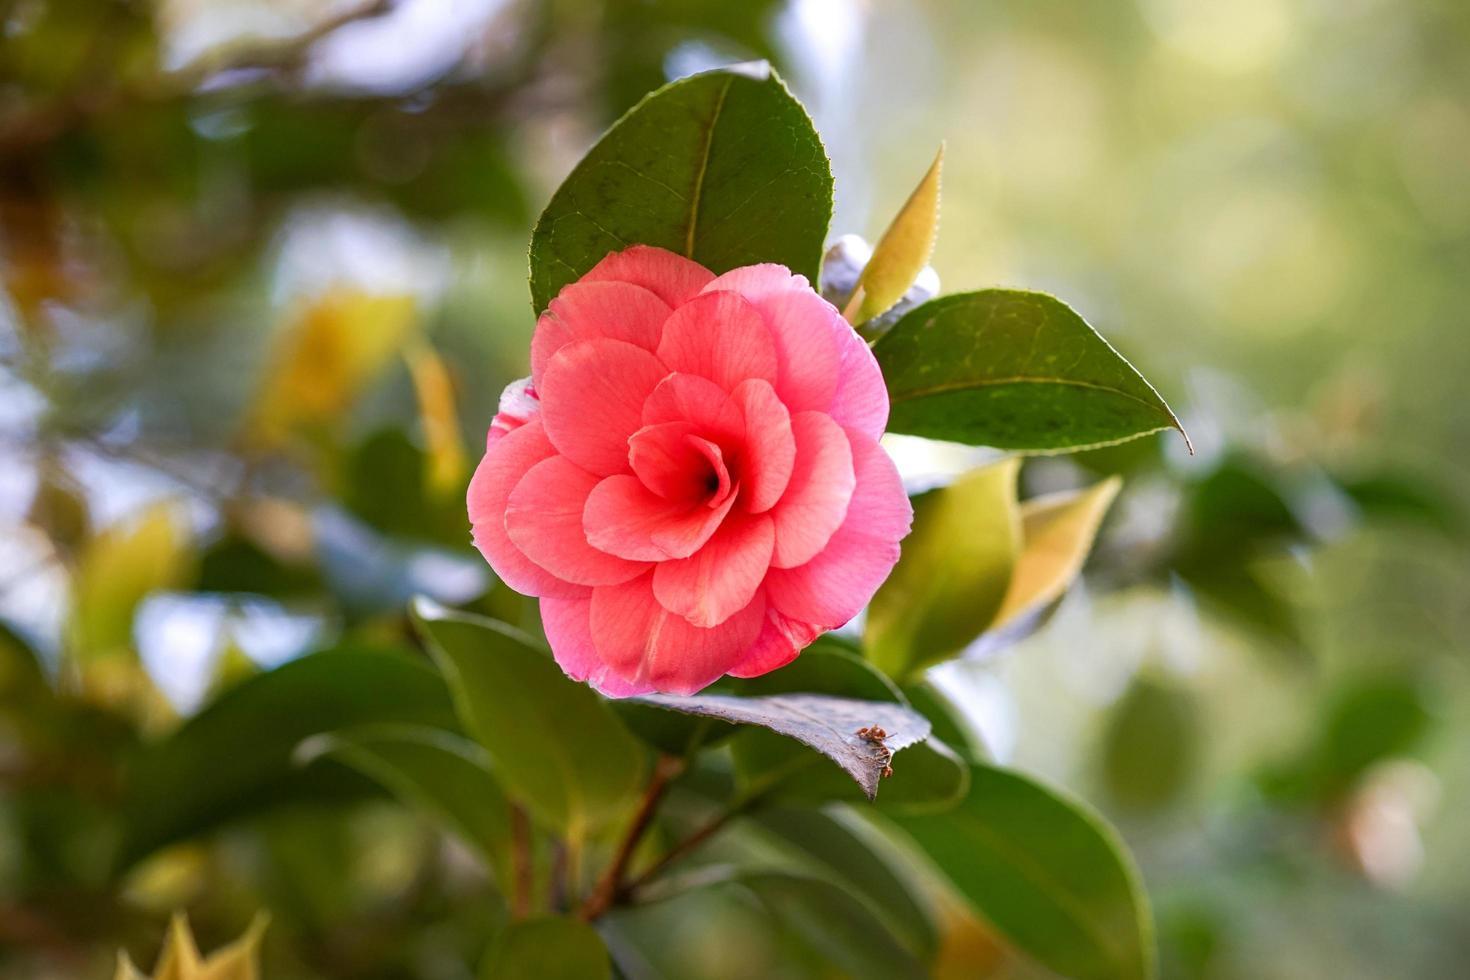 bellissimo fiore rosa di camelia giapponese foto